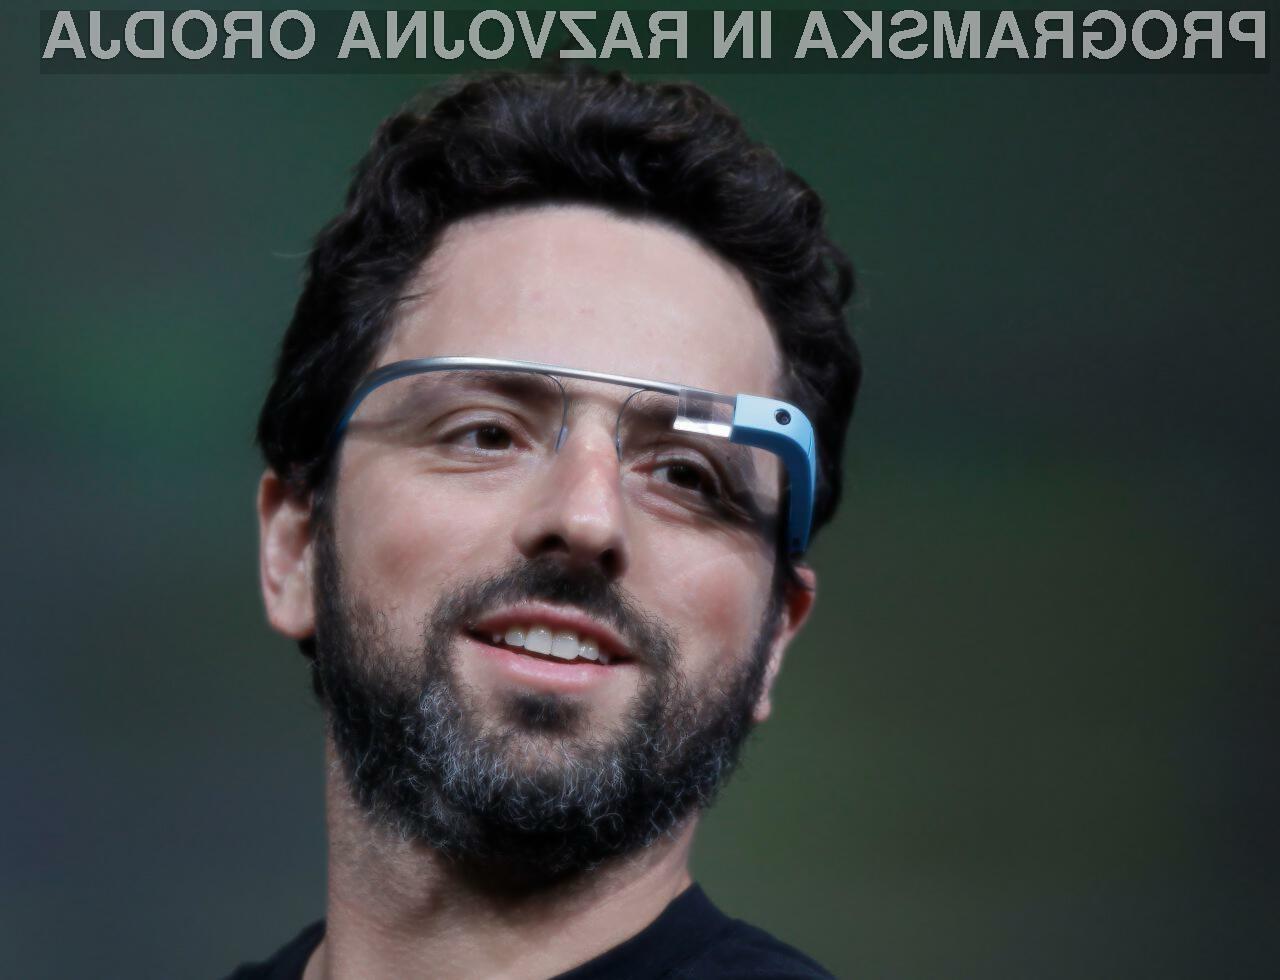 Googlova očala so za enkrat še daleč od načrtovanega.